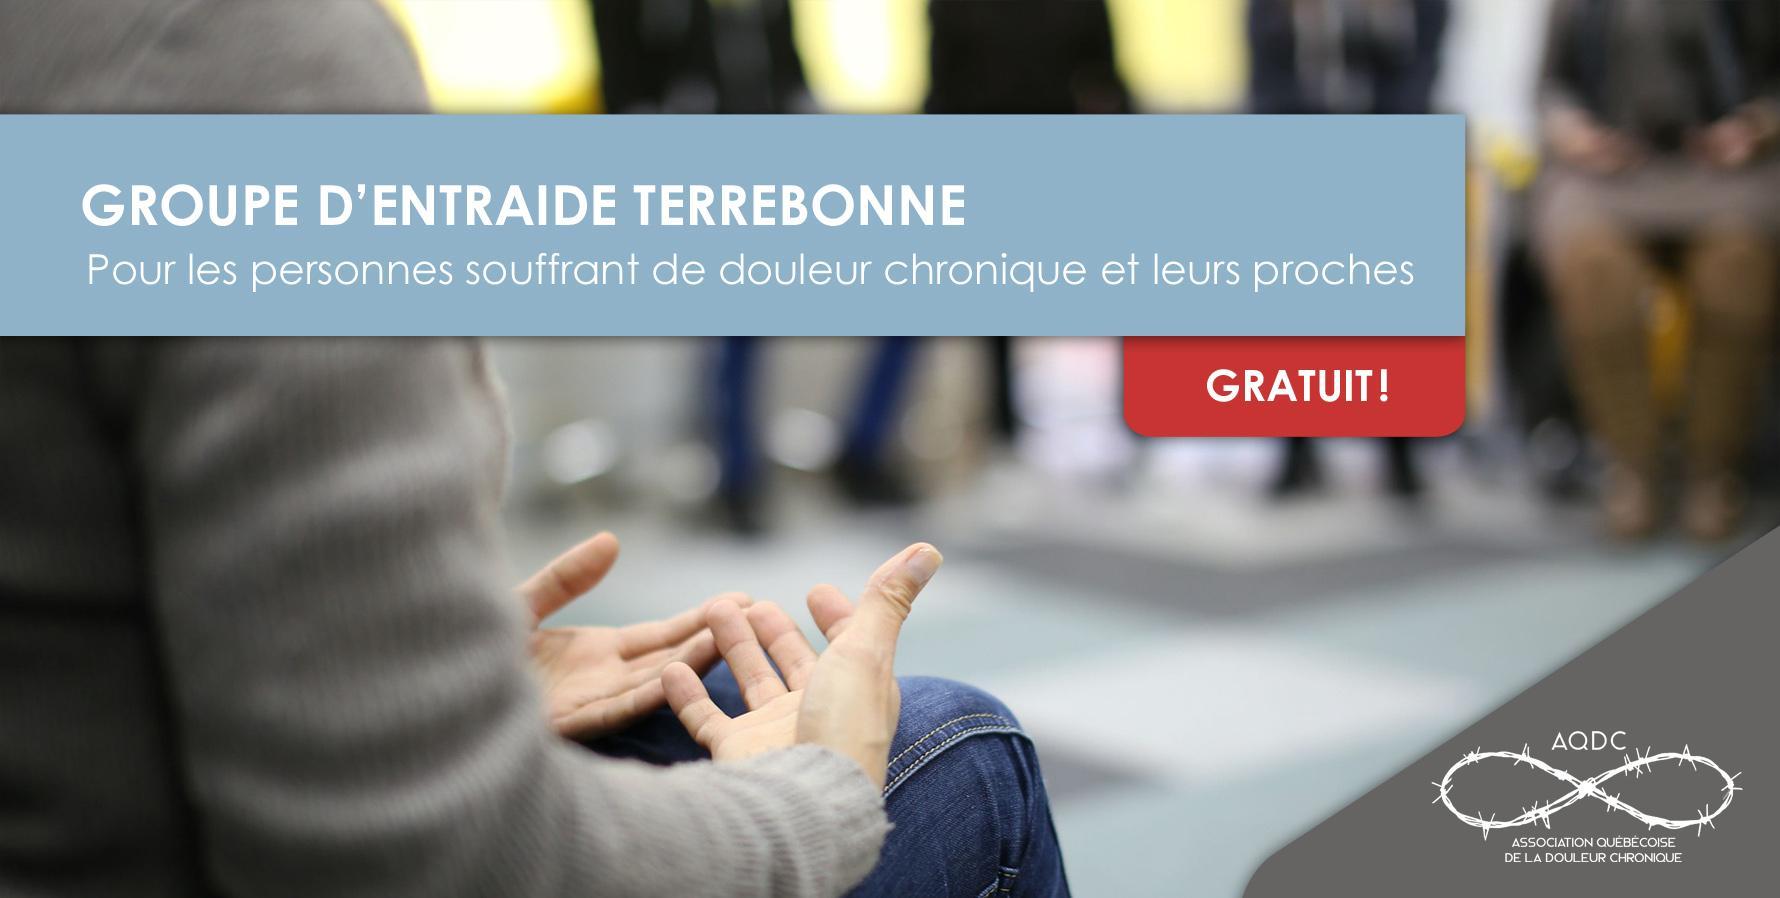 AQDC : Groupe d'entraide Terrebonne - 19 févr